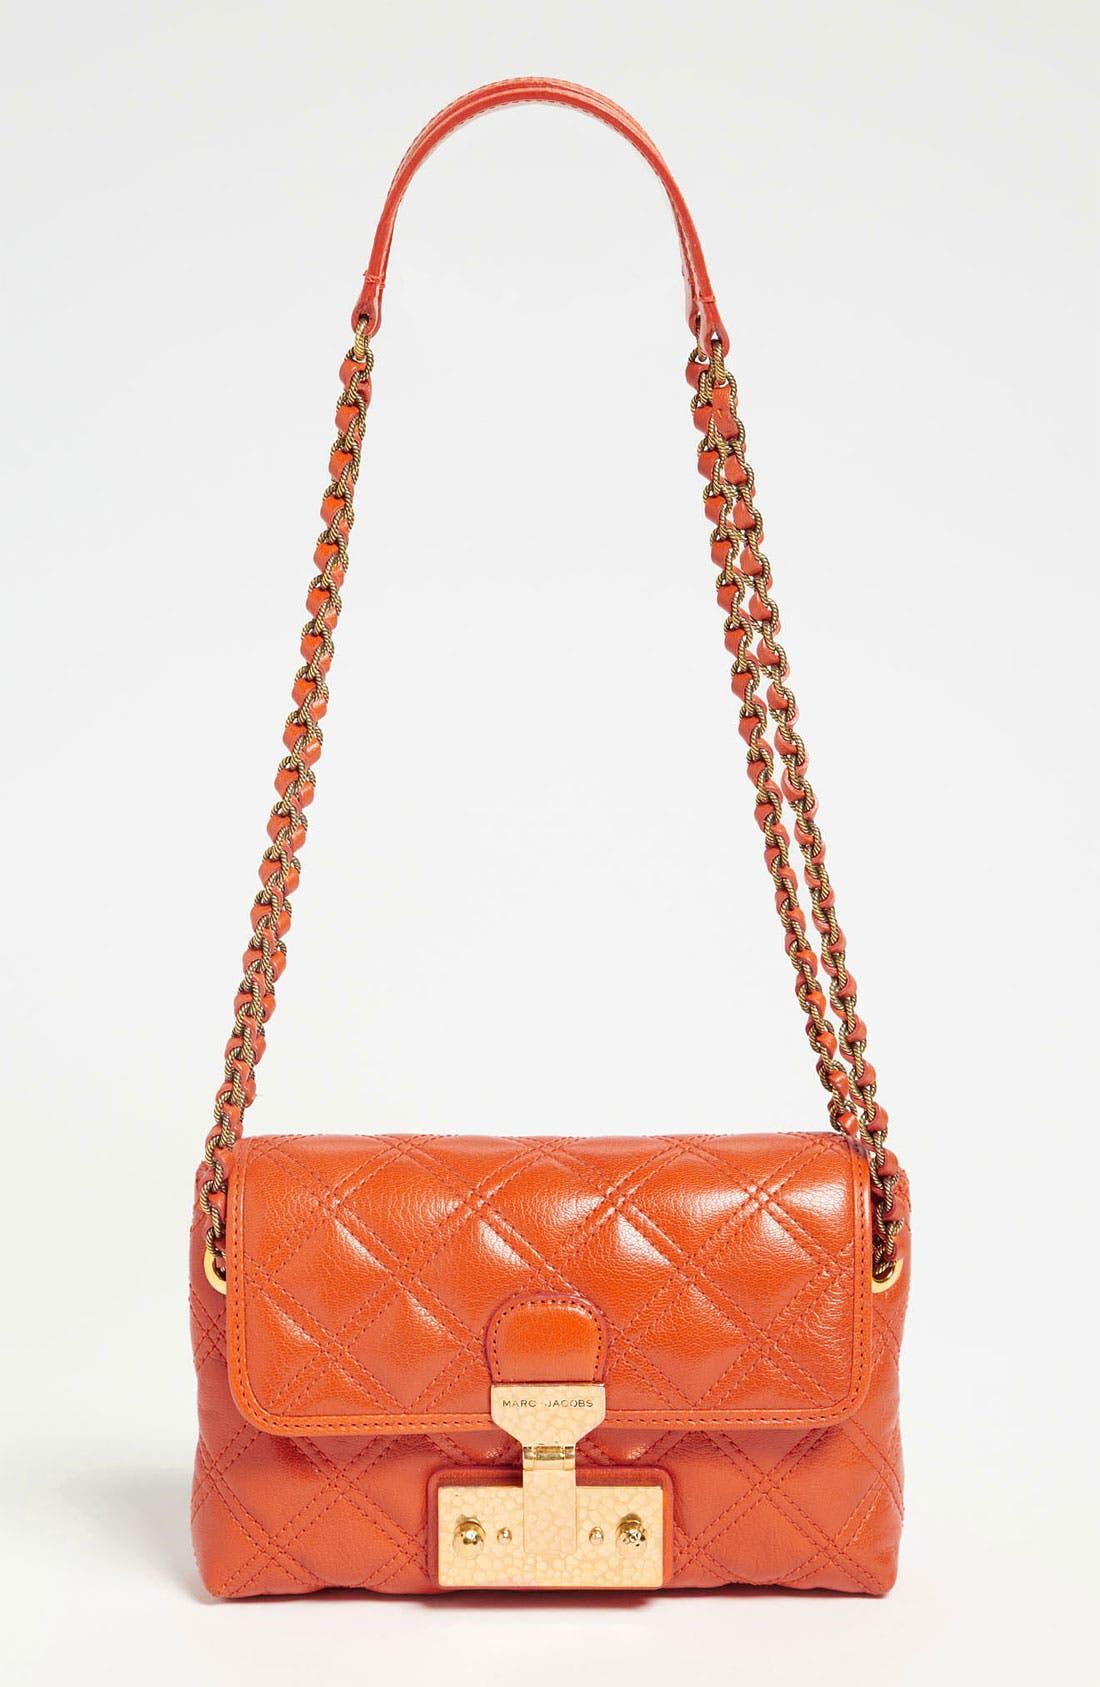 Alternate Image 1 Selected - MARC JACOBS 'Baroque - Single' Leather Shoulder Bag